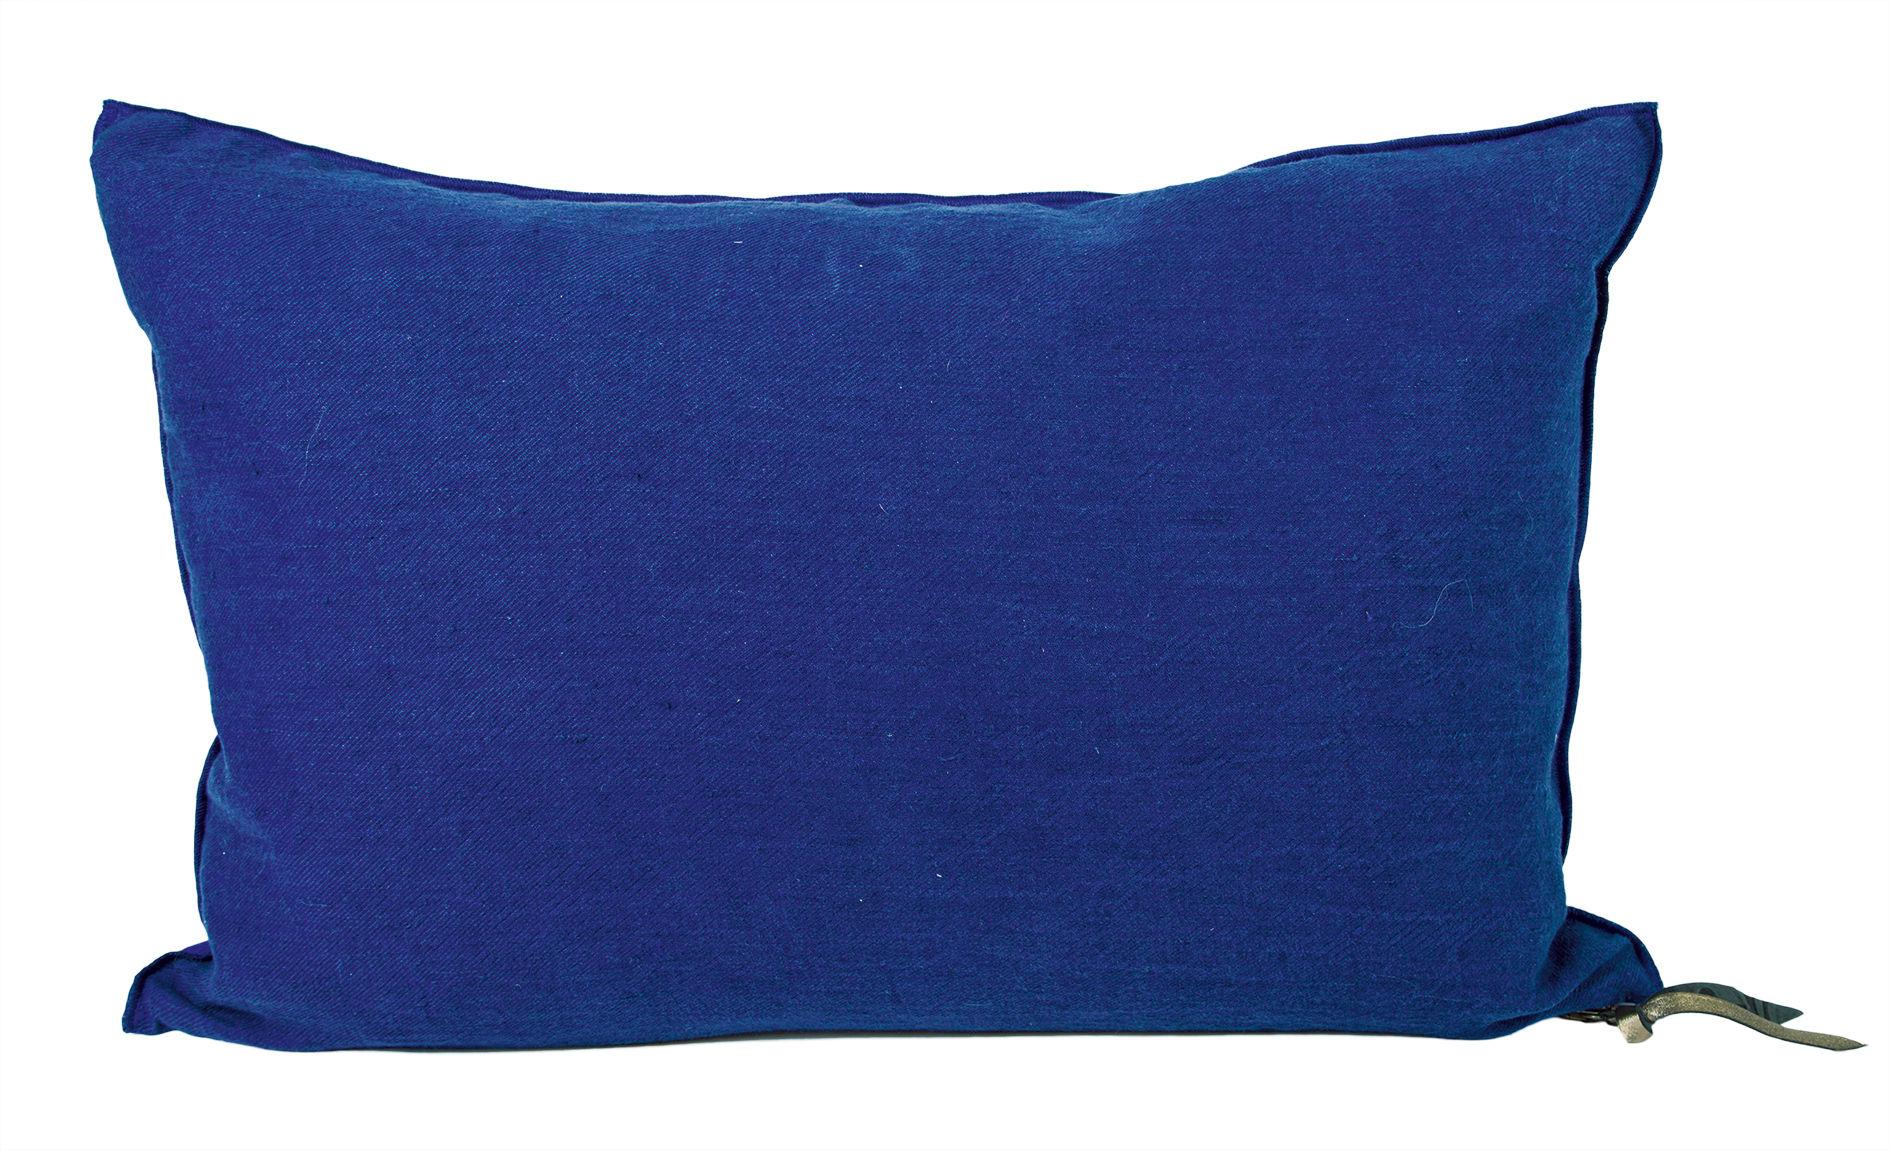 Dekoration - Kissen - Vice Versa Kissen / 30 x 50 cm - Leinen - Maison de Vacances - Kobaltblau - Baumwolle, Entenfedern, Zerknittertes und gewaschenes Leinen